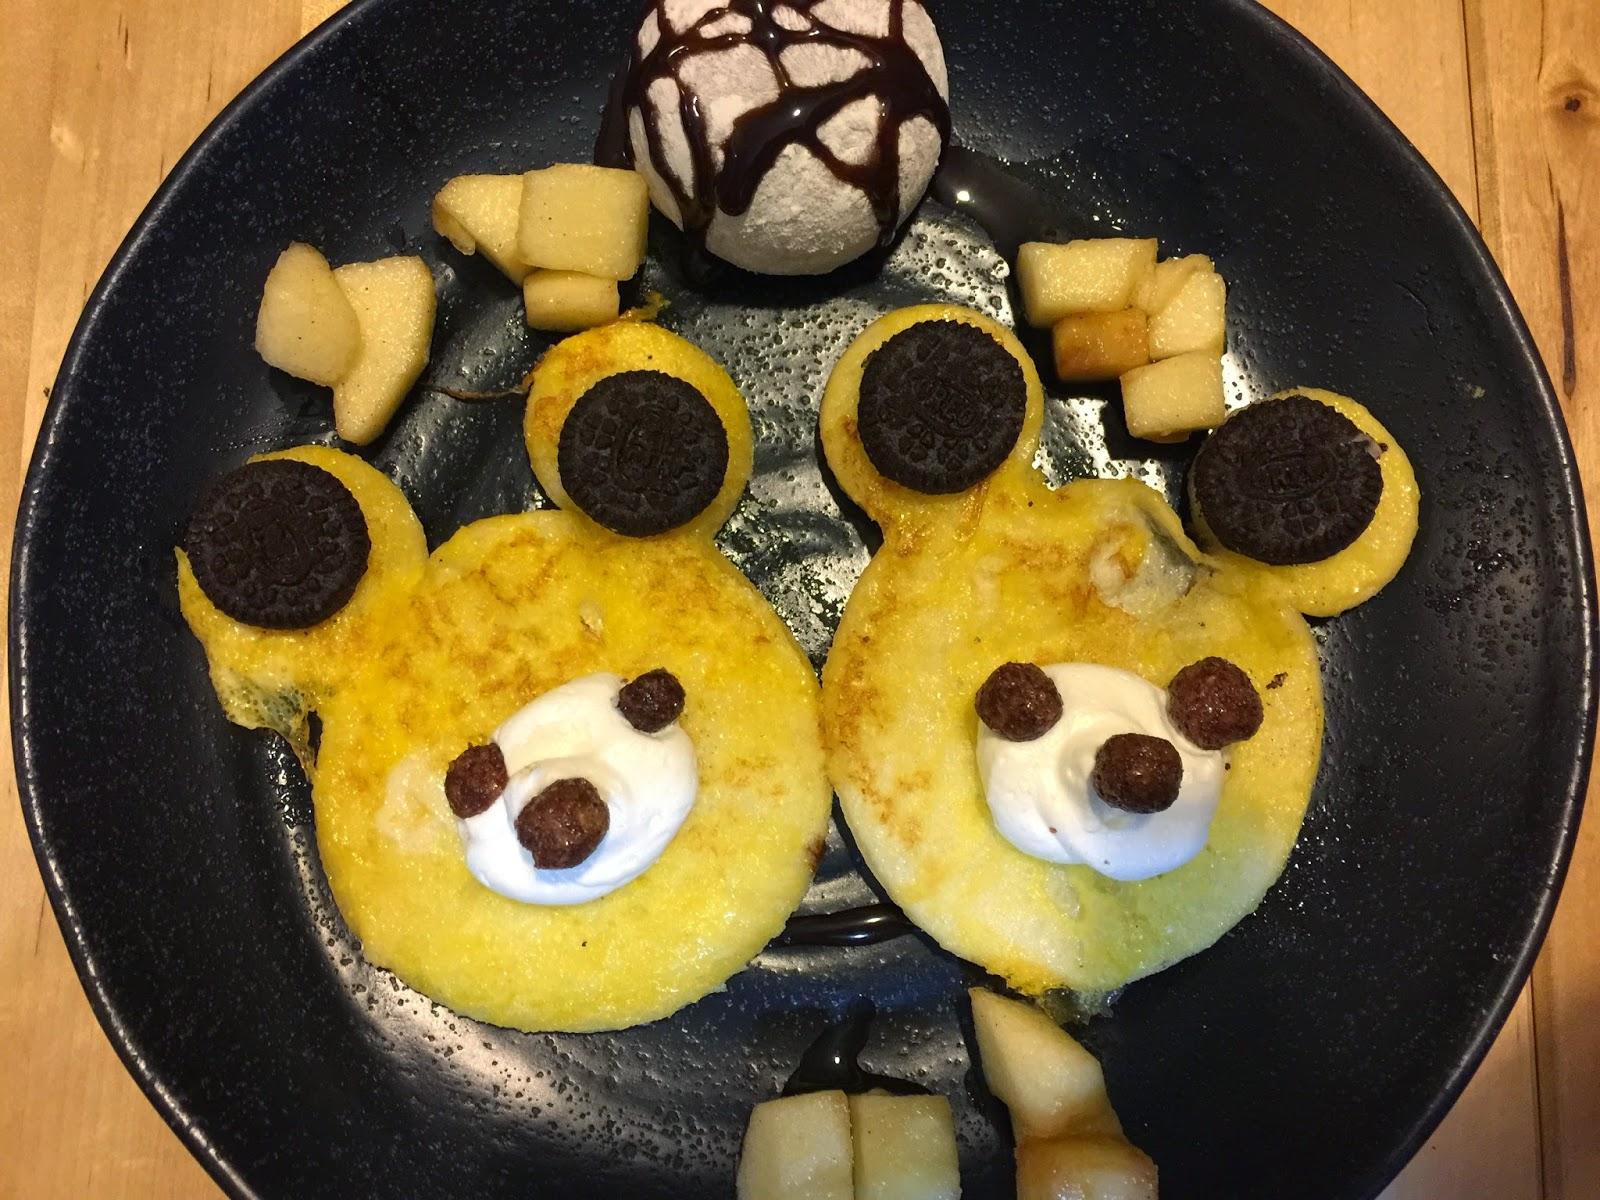 九龍 旺角 J-Point CAFE 全日點喫茶店 大人的兒童餐 甜睡的小熊家族 班戟配肉桂蘋果